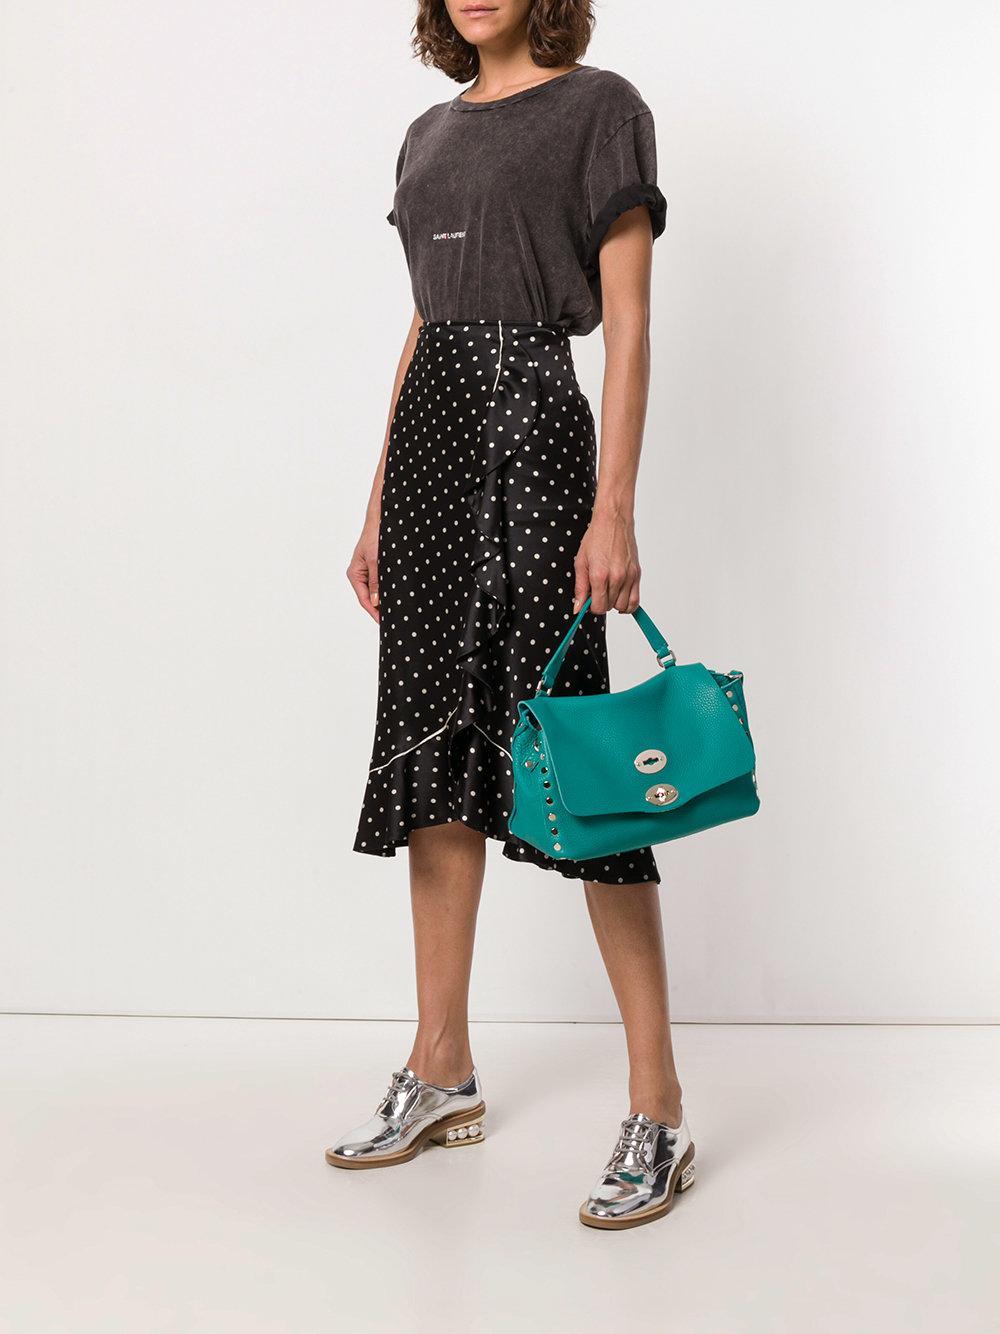 Zanellato Leather Postina Studded Tote Bag in Blue